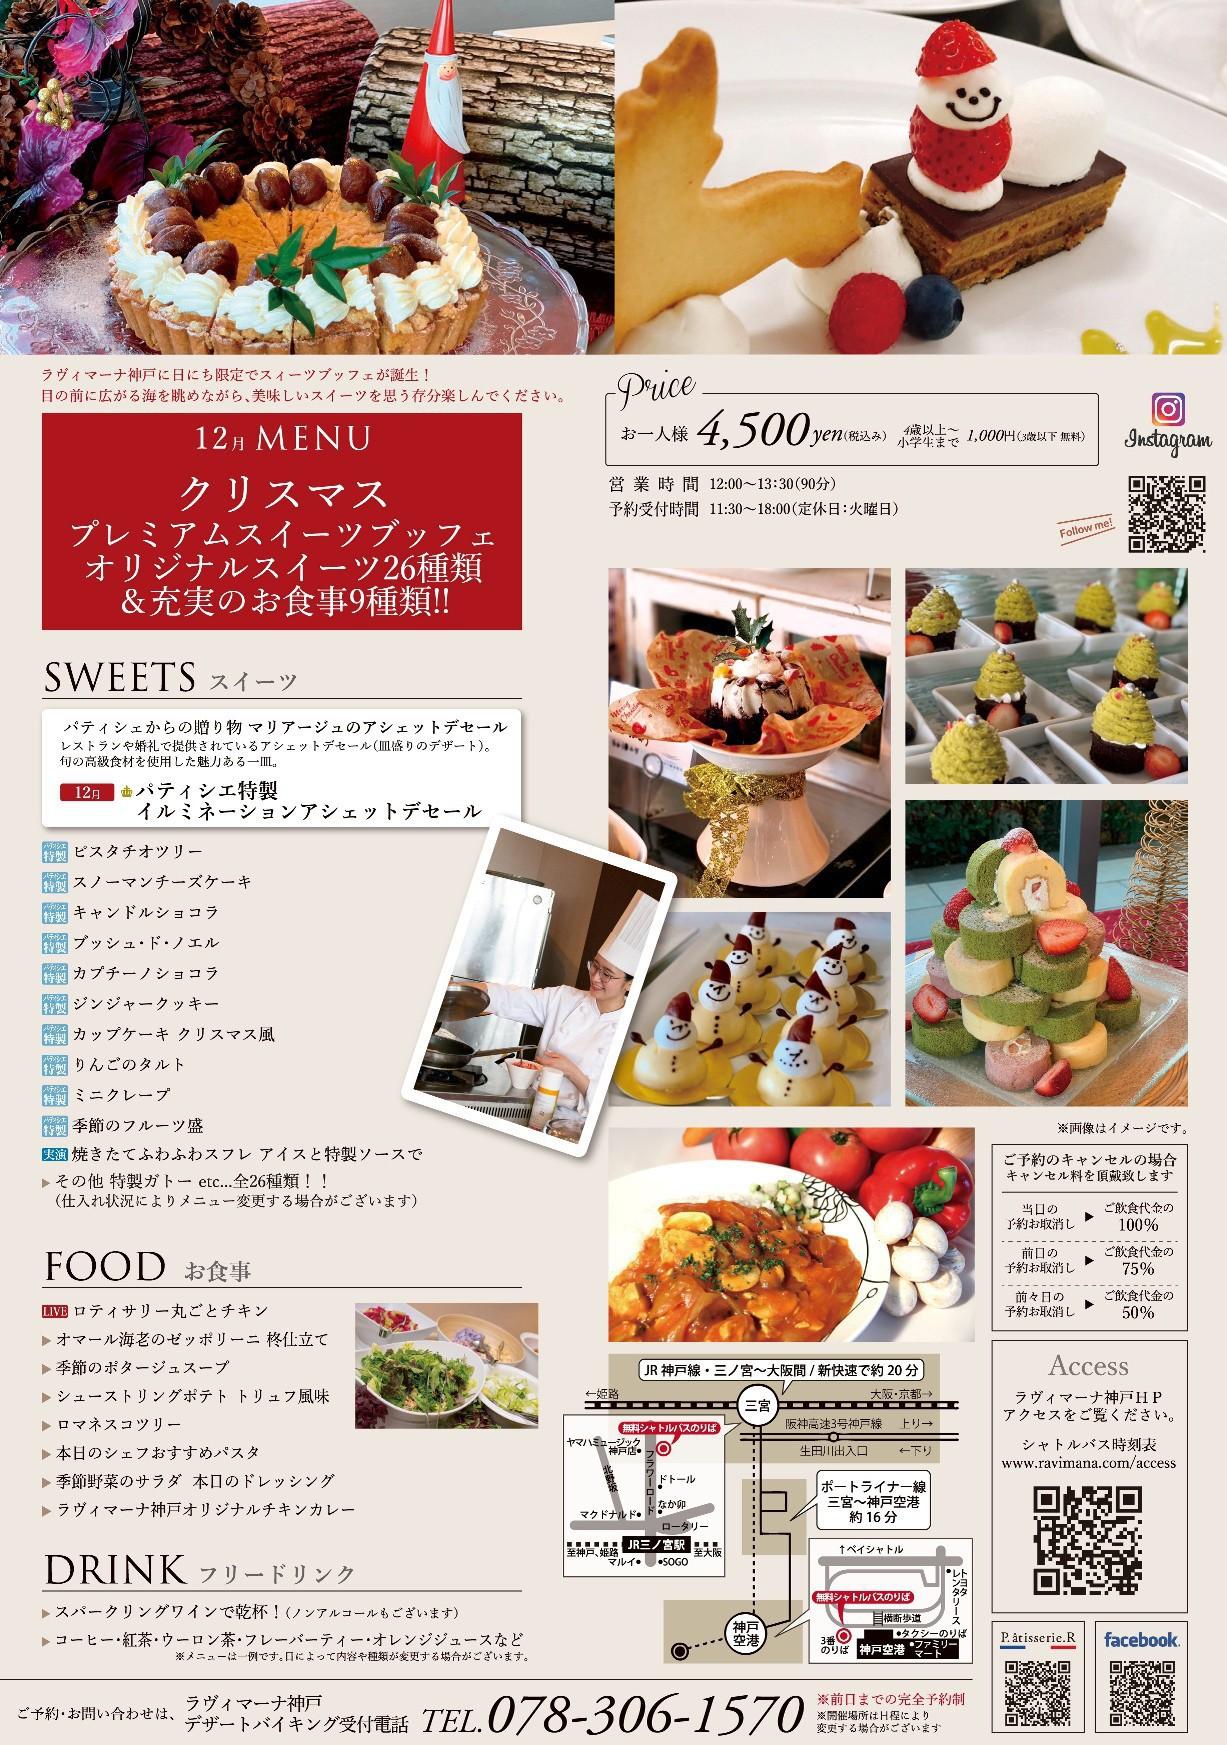 dessertbuffet_201912_fix_printpac_ura.jpg